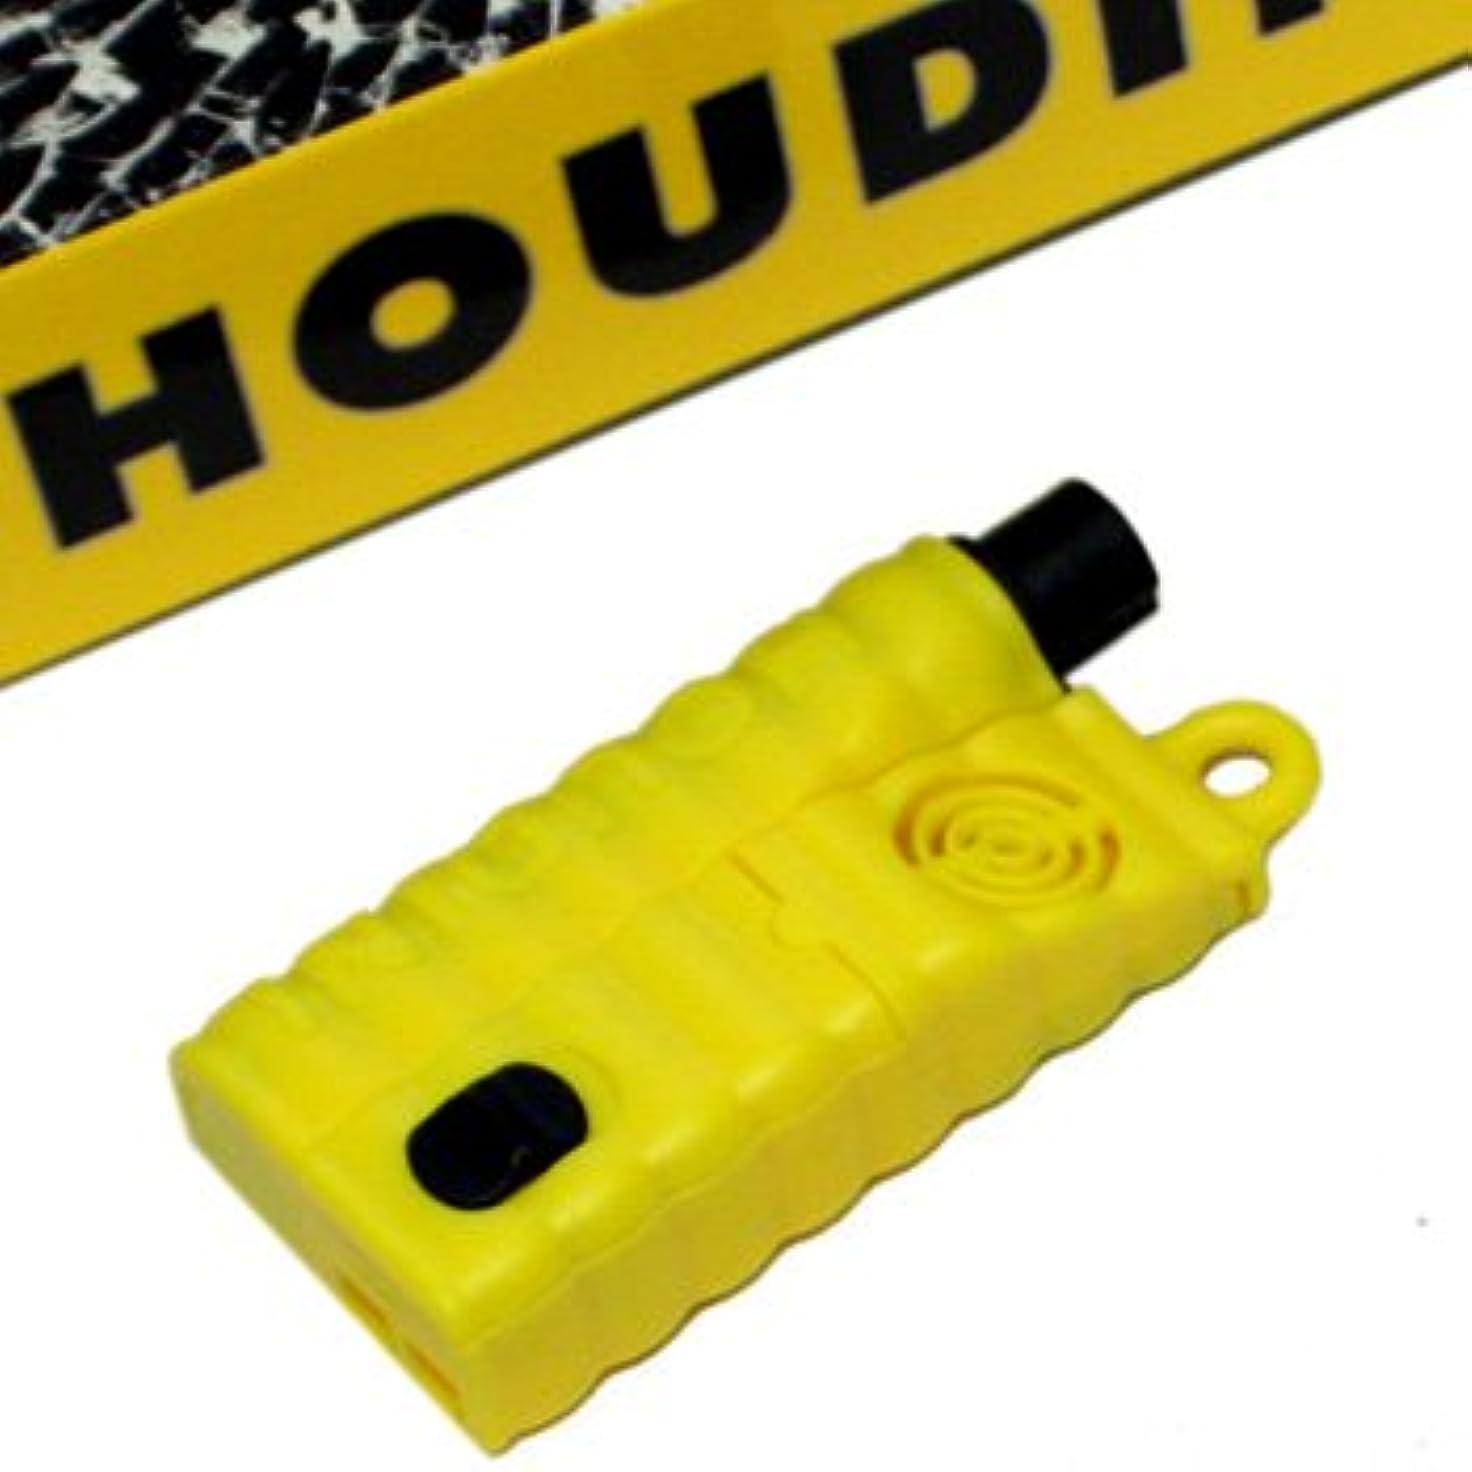 マイコン懲らしめ信号HOUDINI 車用エスケープツール レスキューツール/フディーニ/ガラス割?ウィンドブレーカー